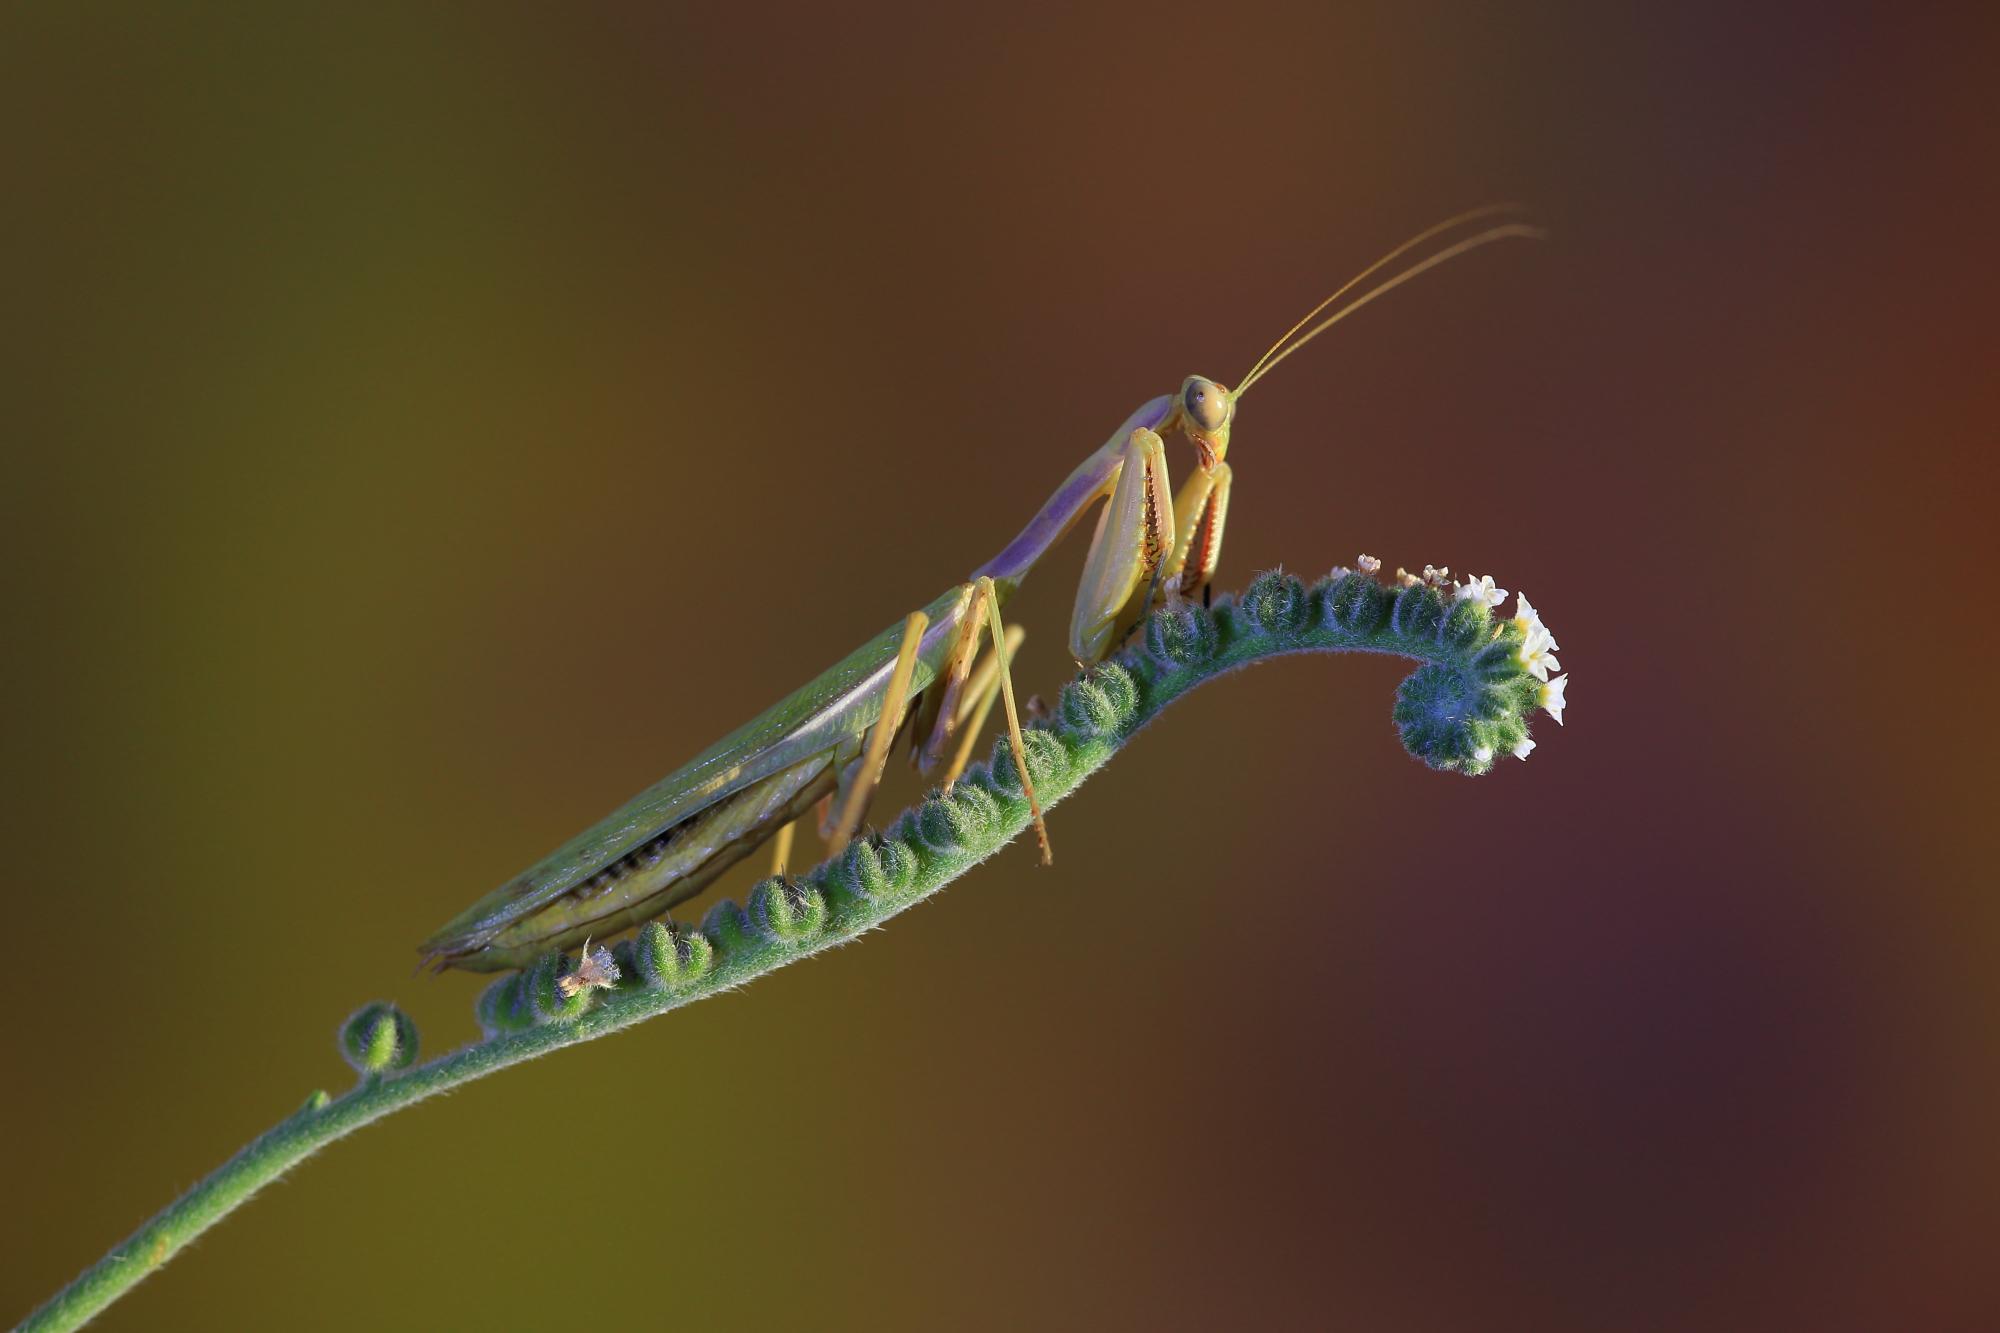 Mantis sobre una verruguera.